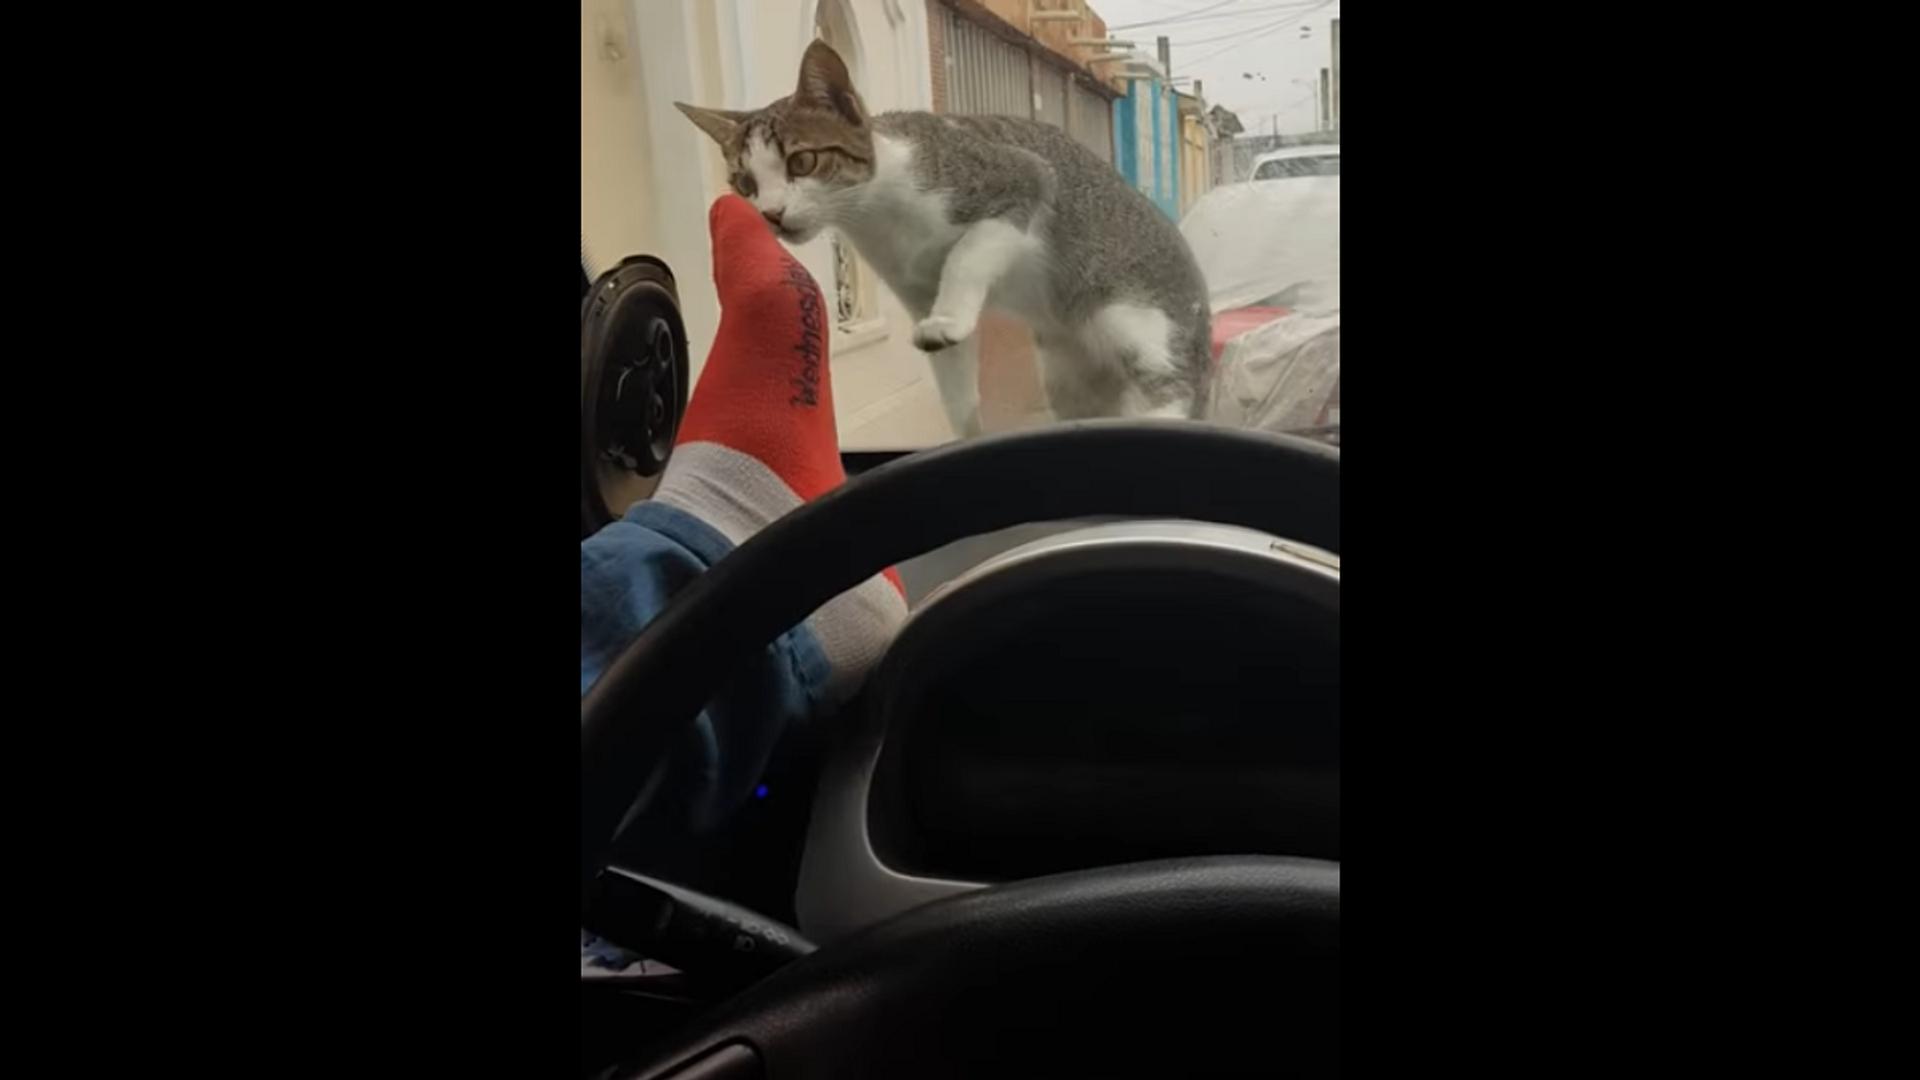 Злой водитель решил обидеть кошку, и его тут же настигла карма – видео - Sputnik Грузия, 1920, 14.09.2021